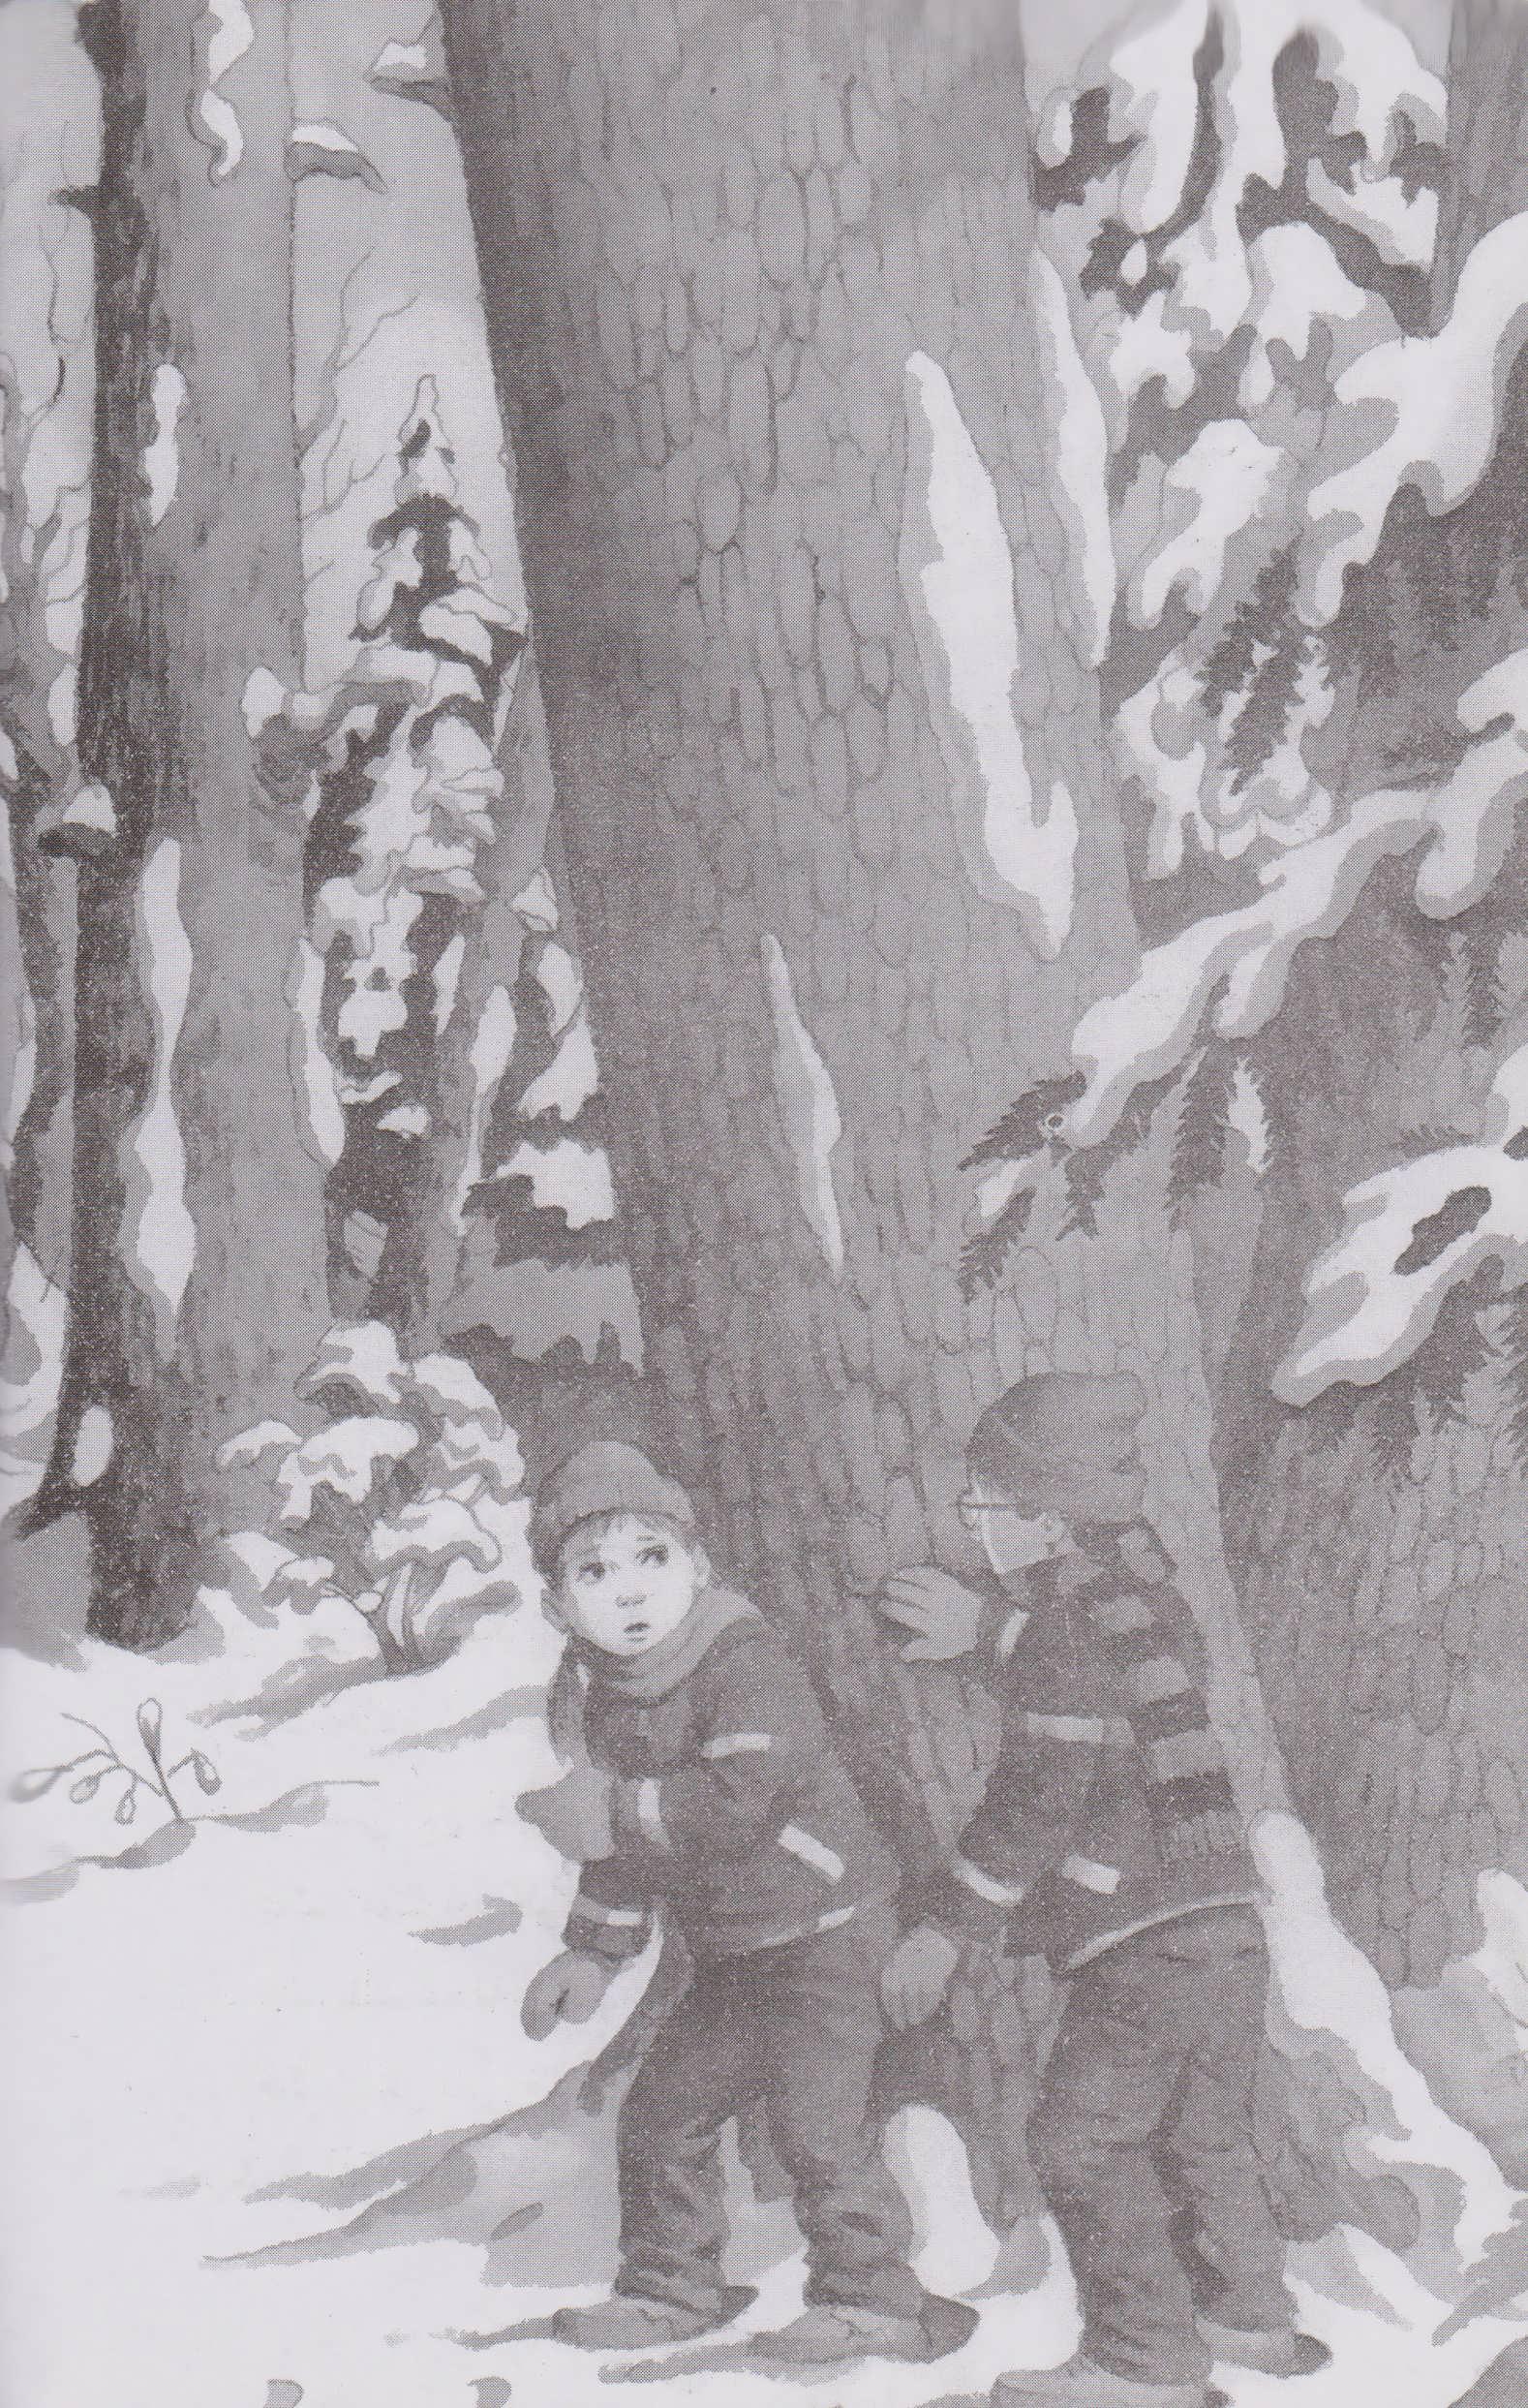 خانه درختی سحرآمیز32 (زمستان جادوگر یخ)